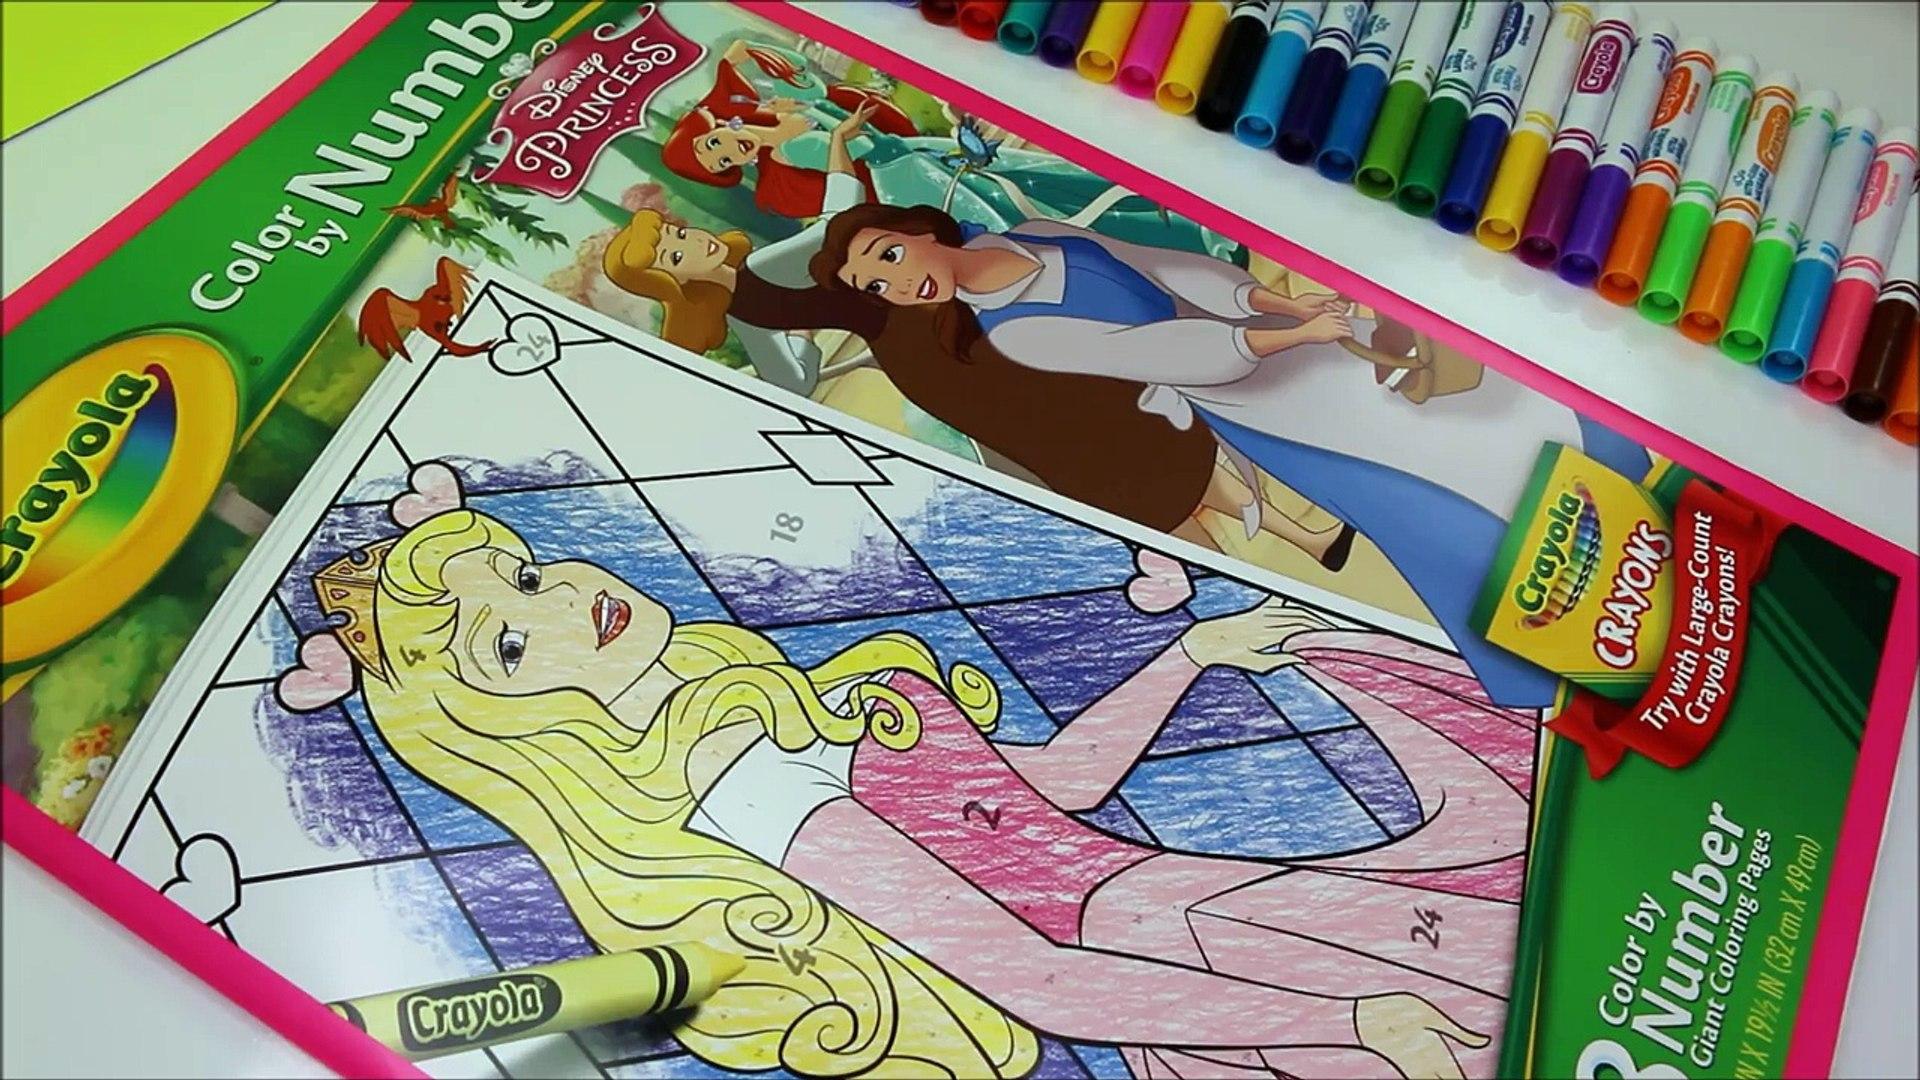 Amazon.com: Crayola Color Wonder Disney Princess Coloring Pages ...   1080x1920